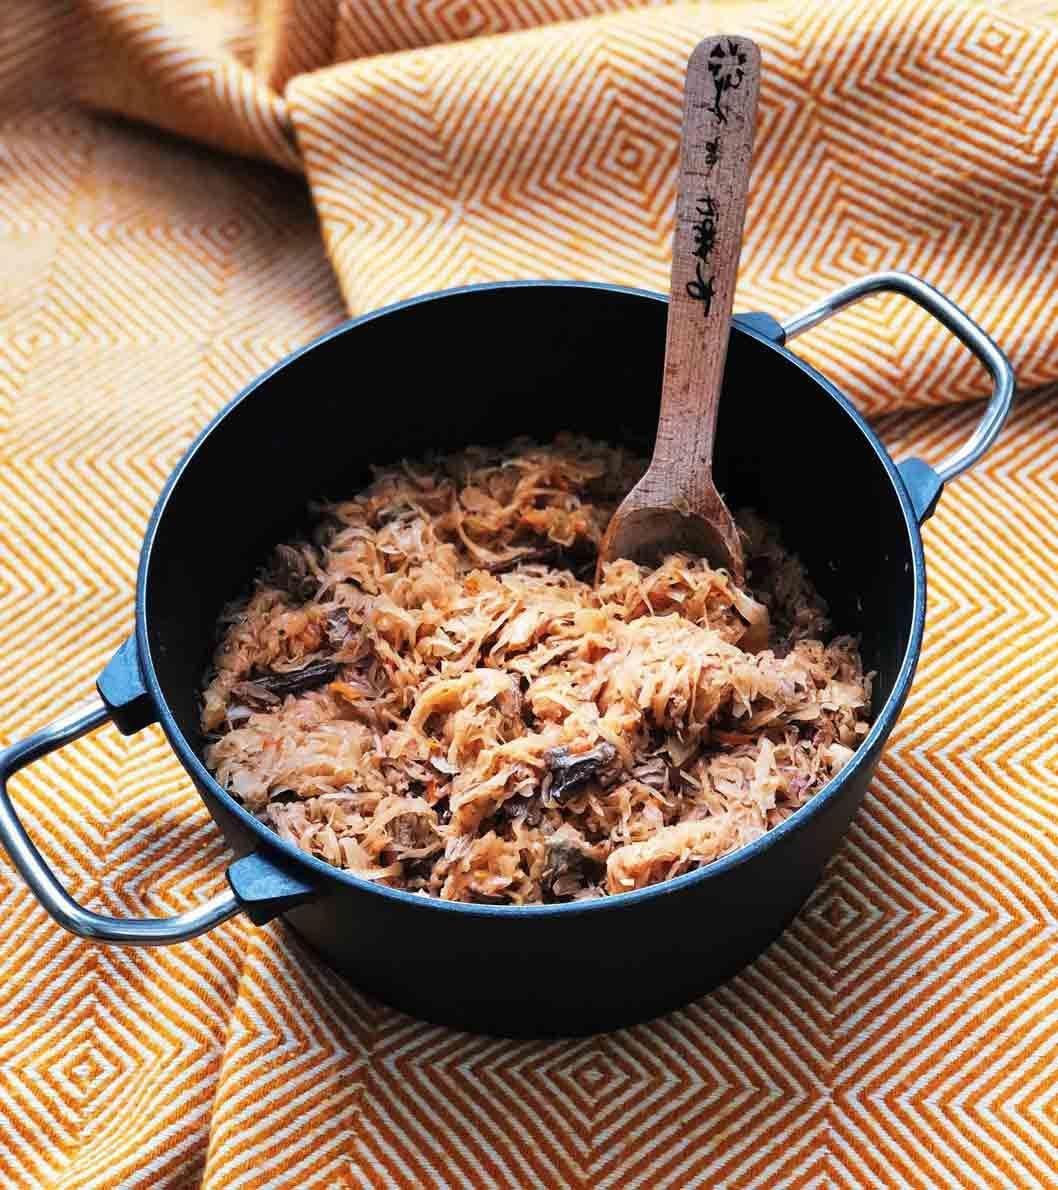 Bigos - polnischer Sauerkrauteintopf   Martyna schmeckt Bigos